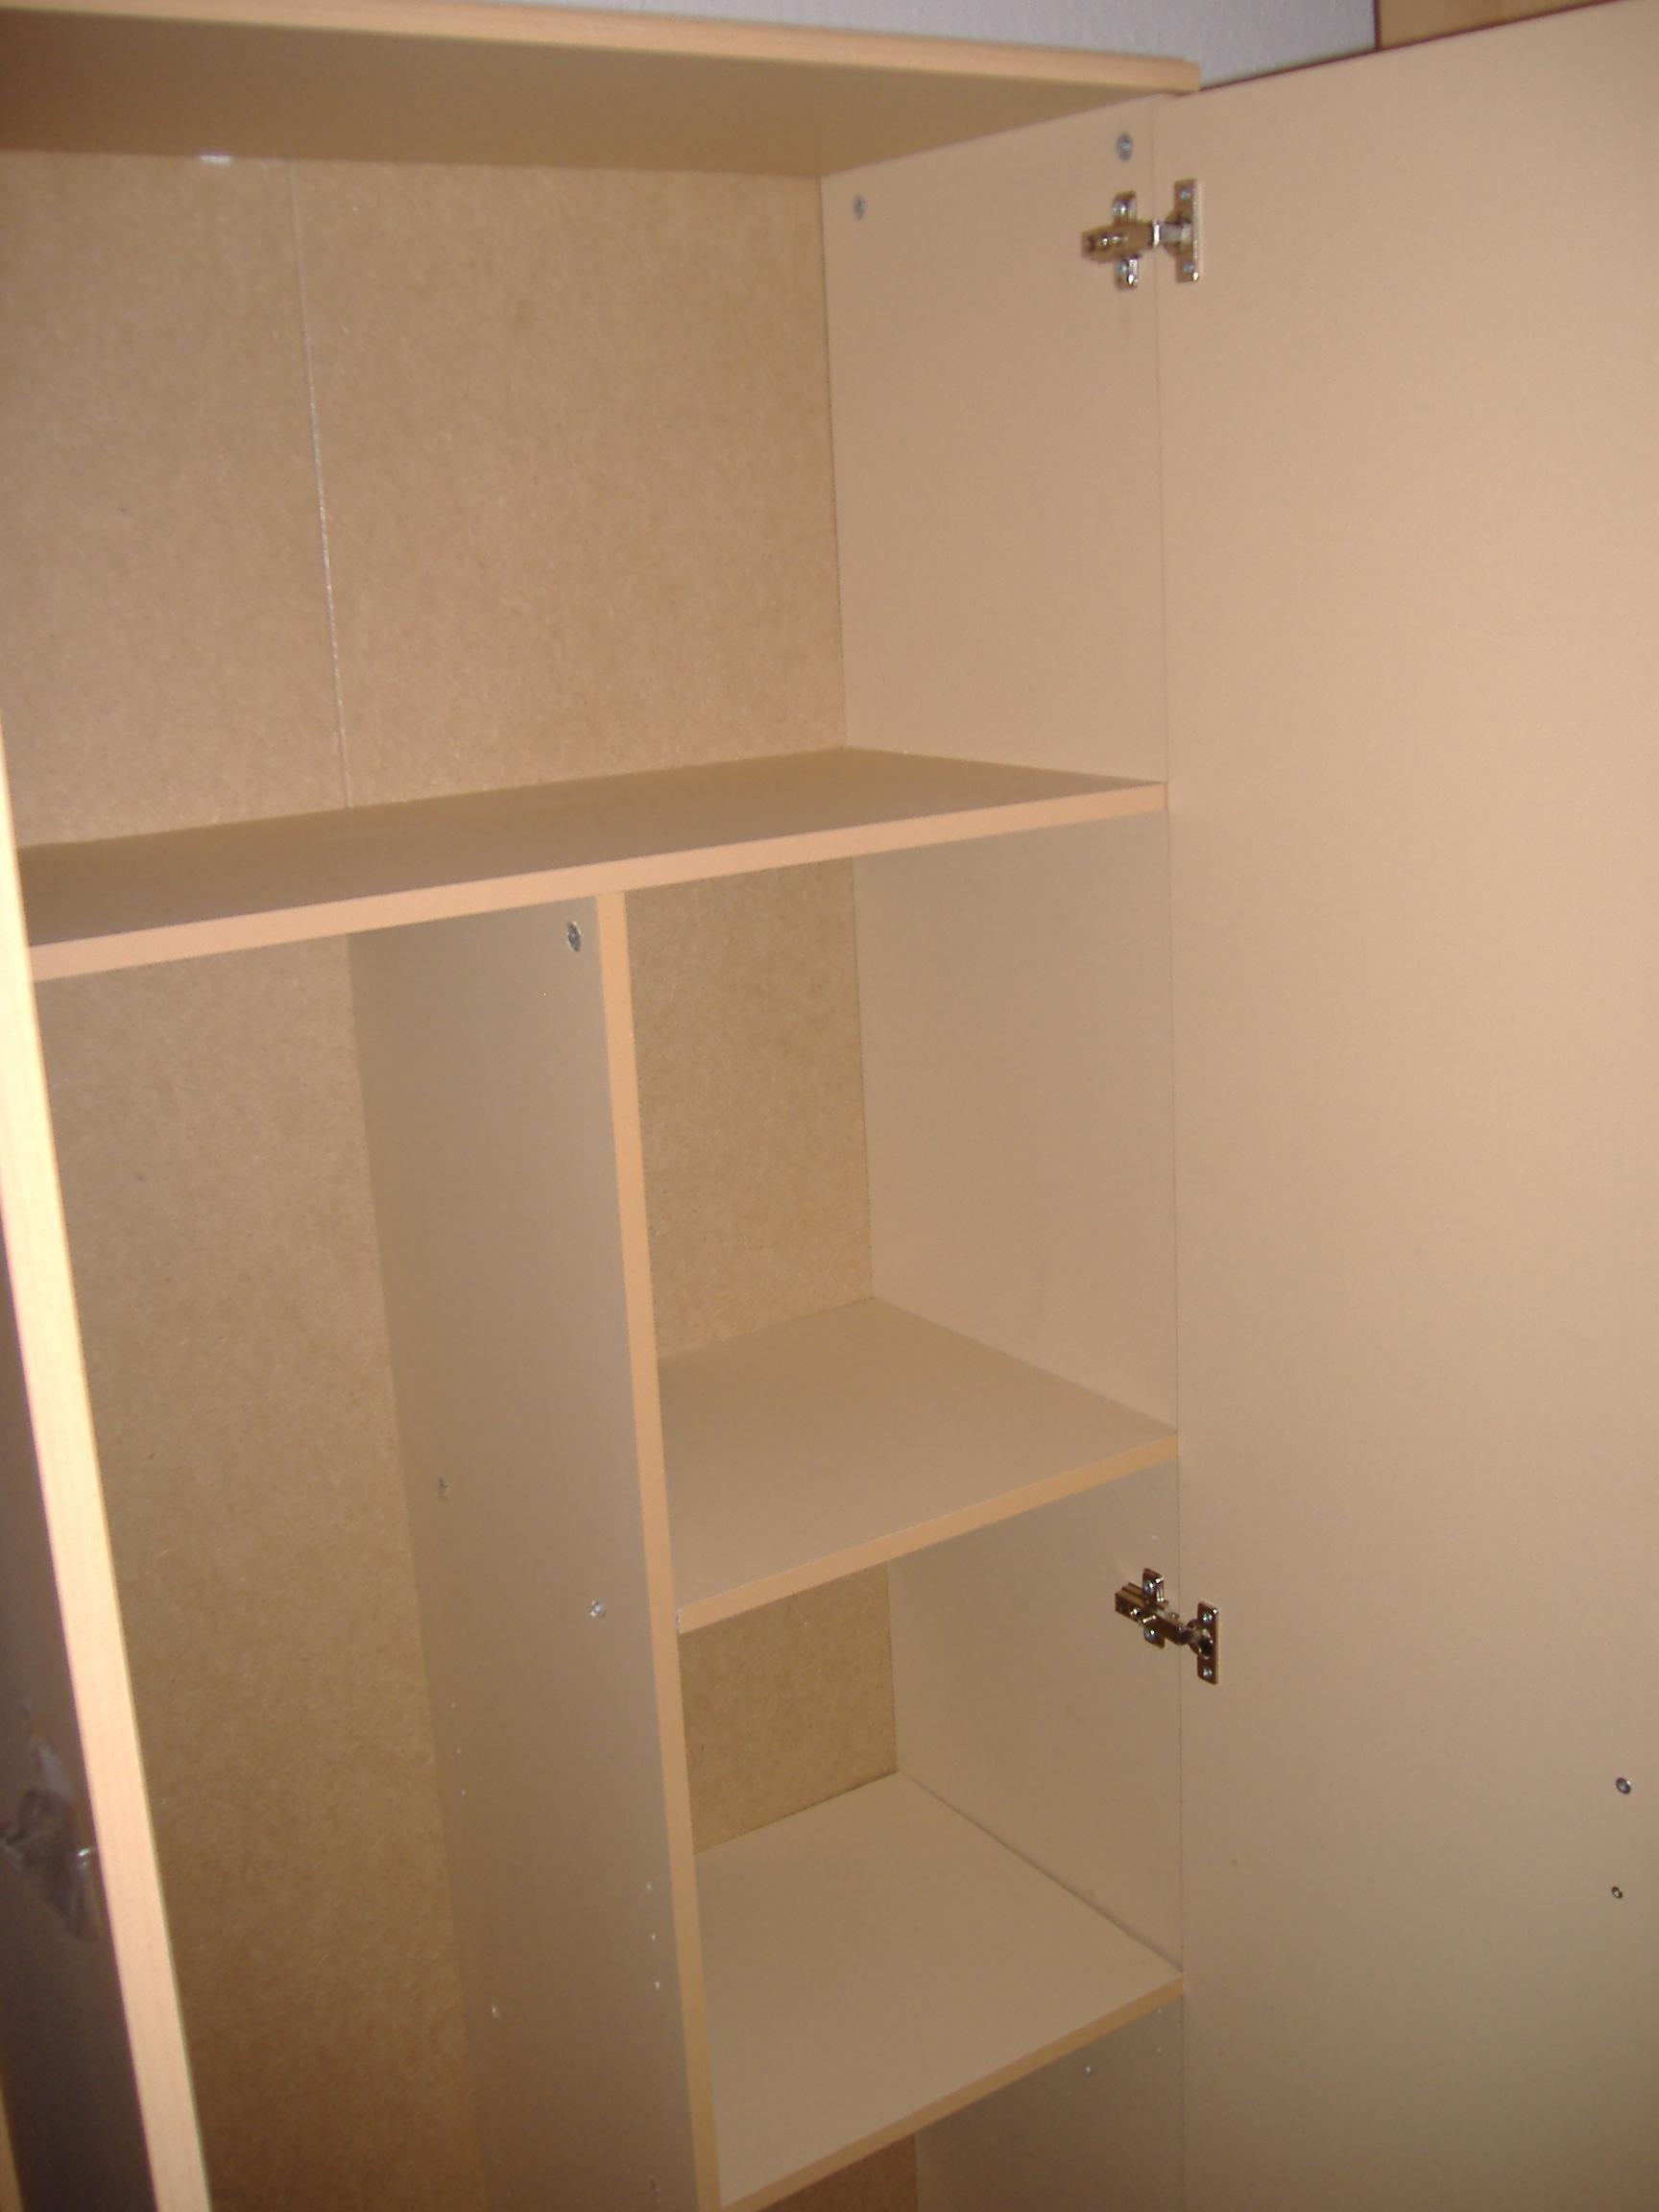 m bel und haushalt sonstige schlafzimmerm bel kleinanzeigen seite 1. Black Bedroom Furniture Sets. Home Design Ideas